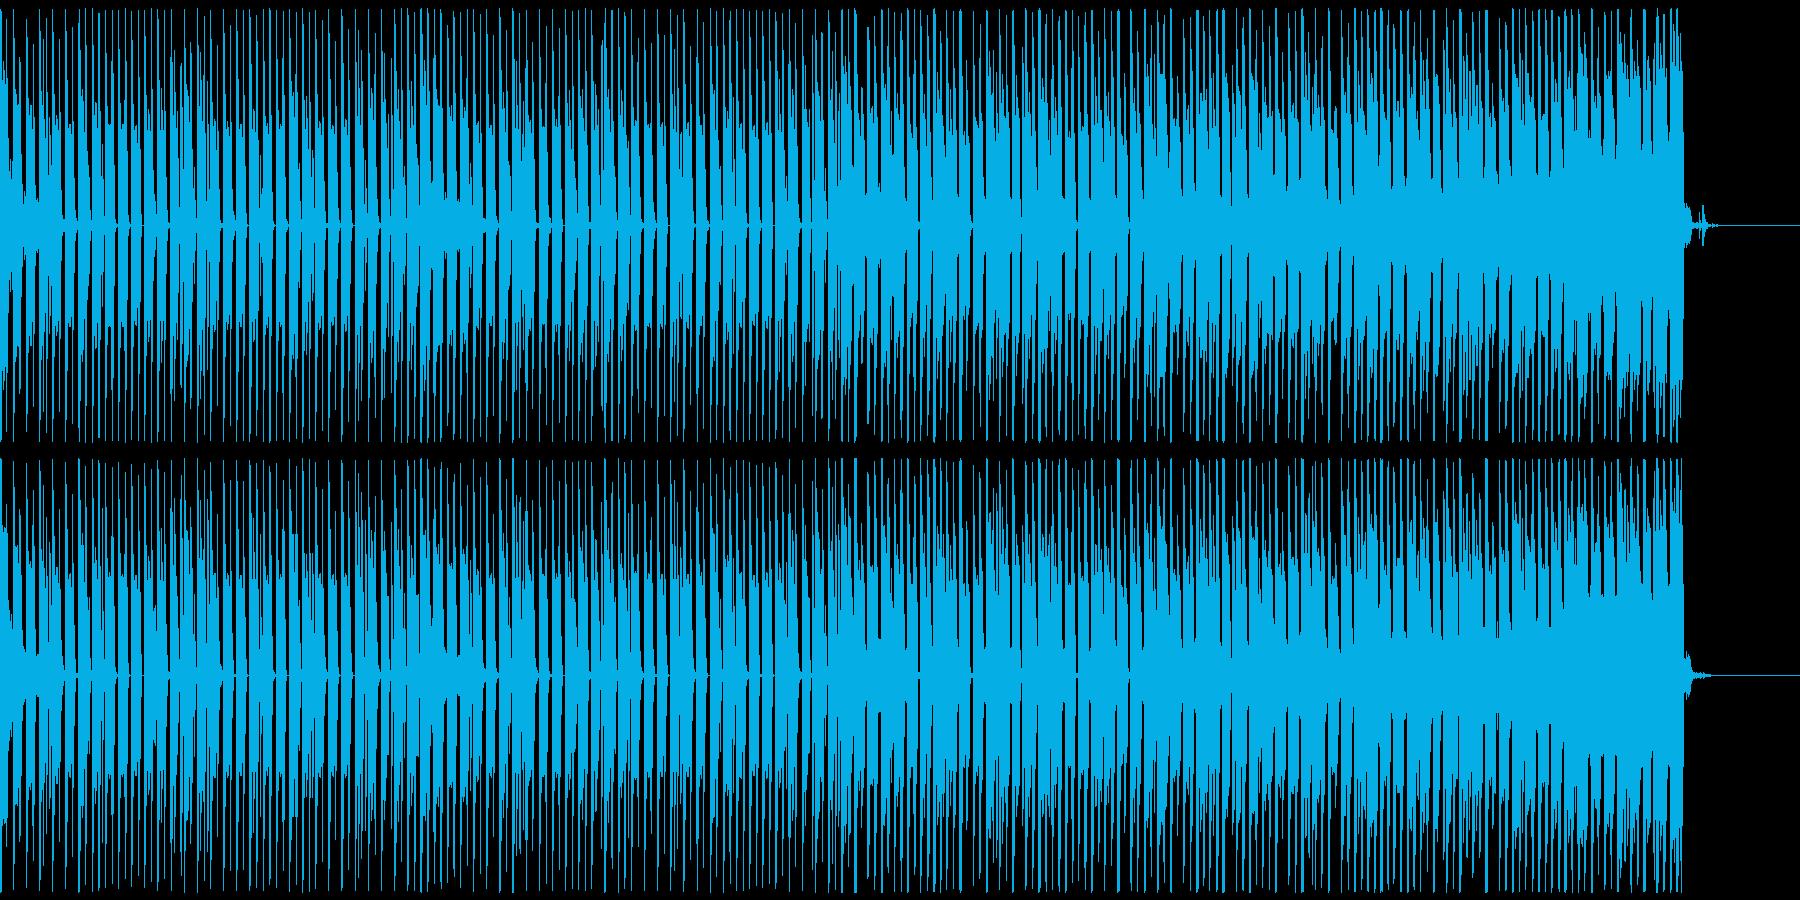 オシャレ・戦闘・スリリングEDM、M①の再生済みの波形